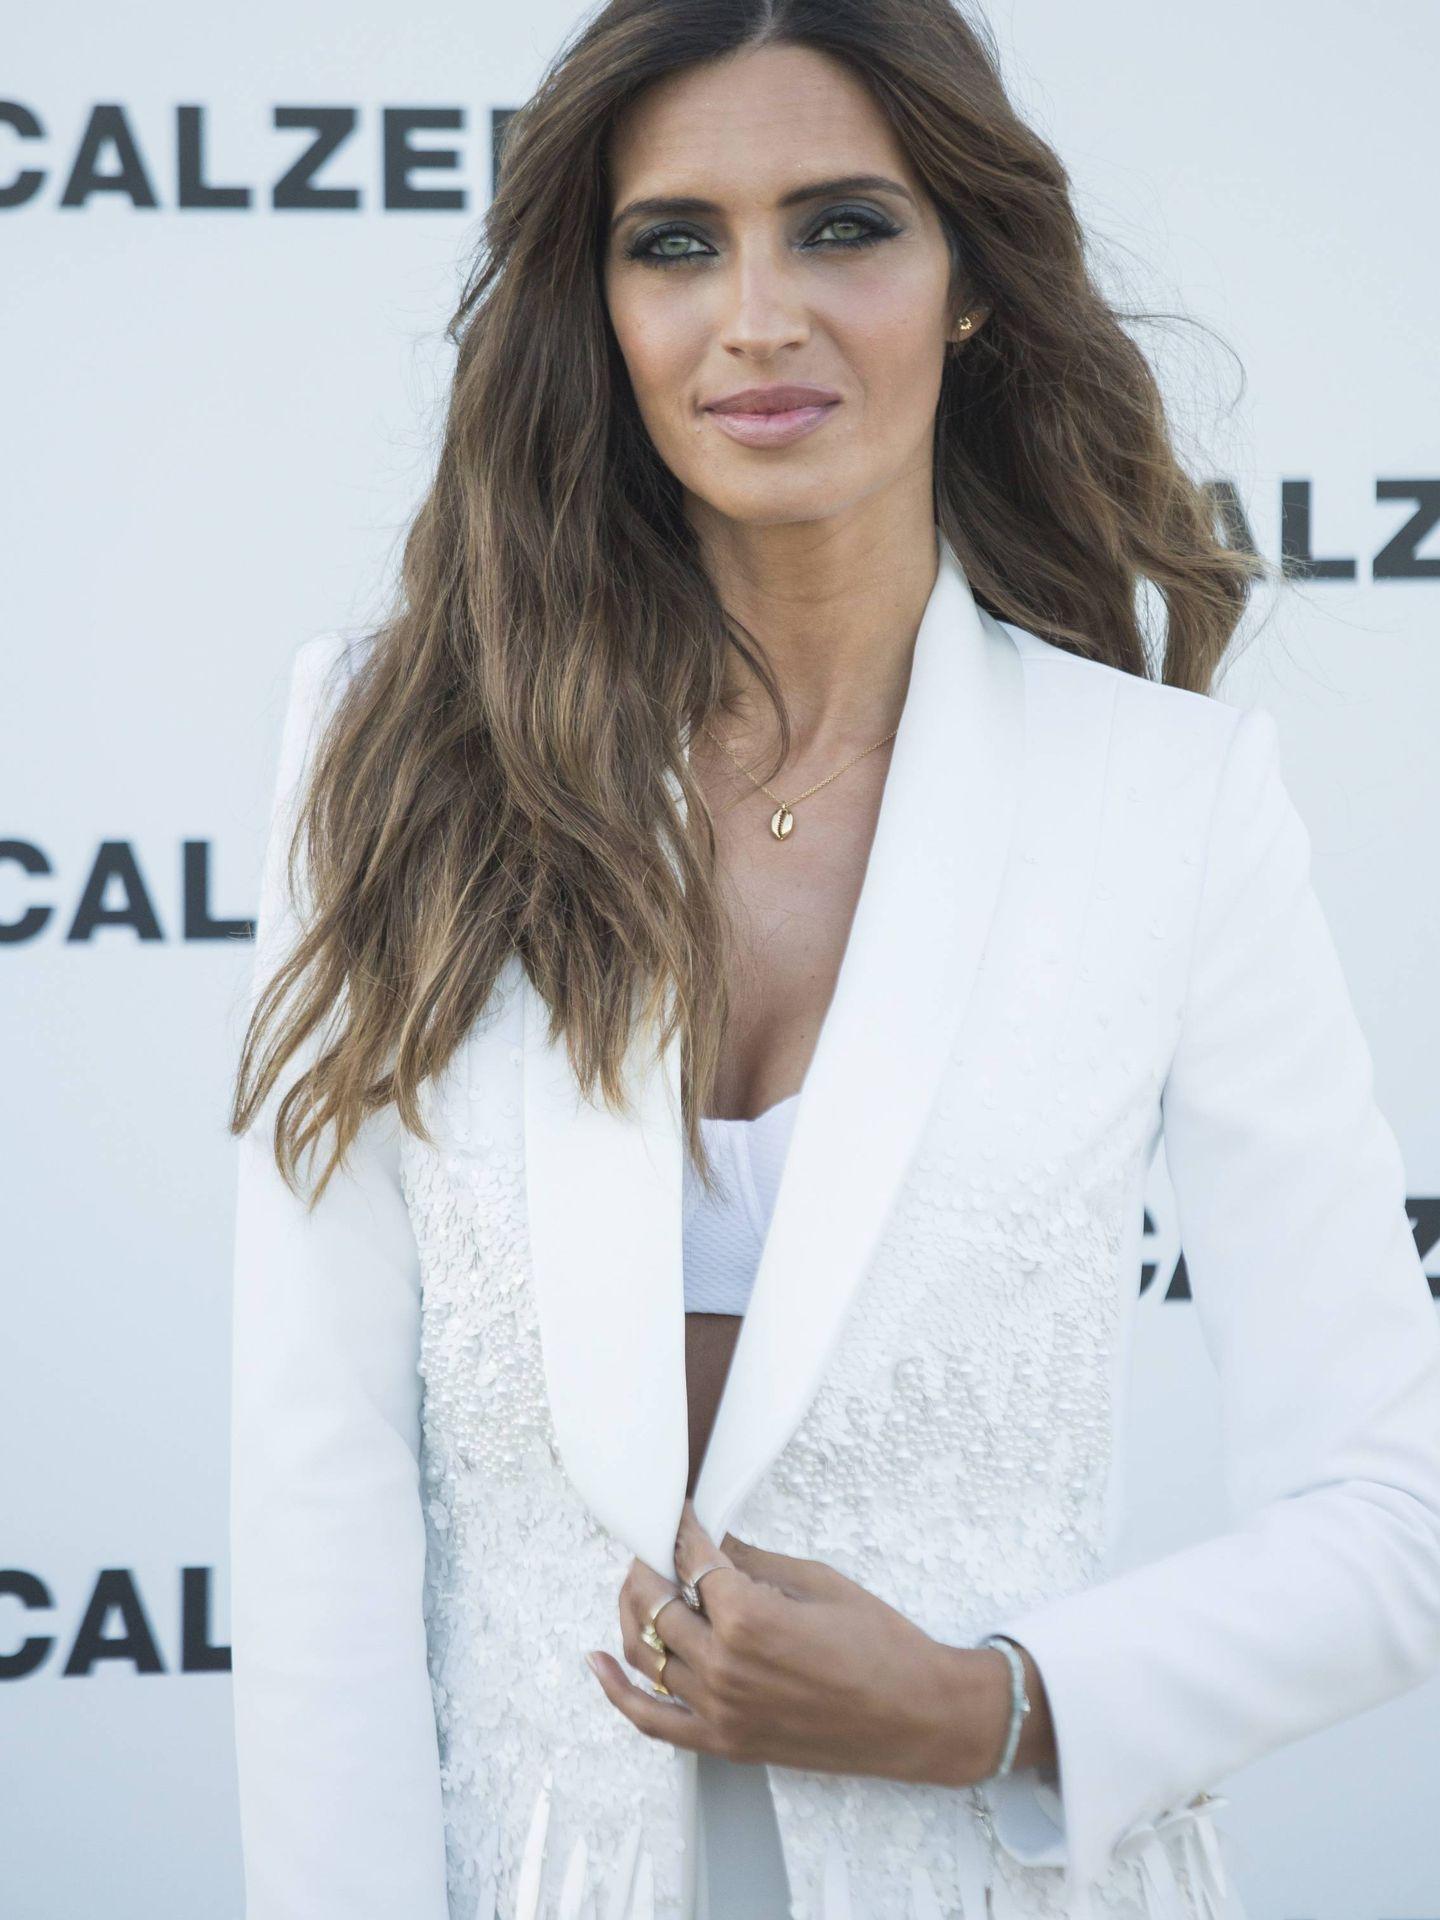 Sara Carbonero en la fiesta de Calzedonia en Ibiza (Cordon Press)